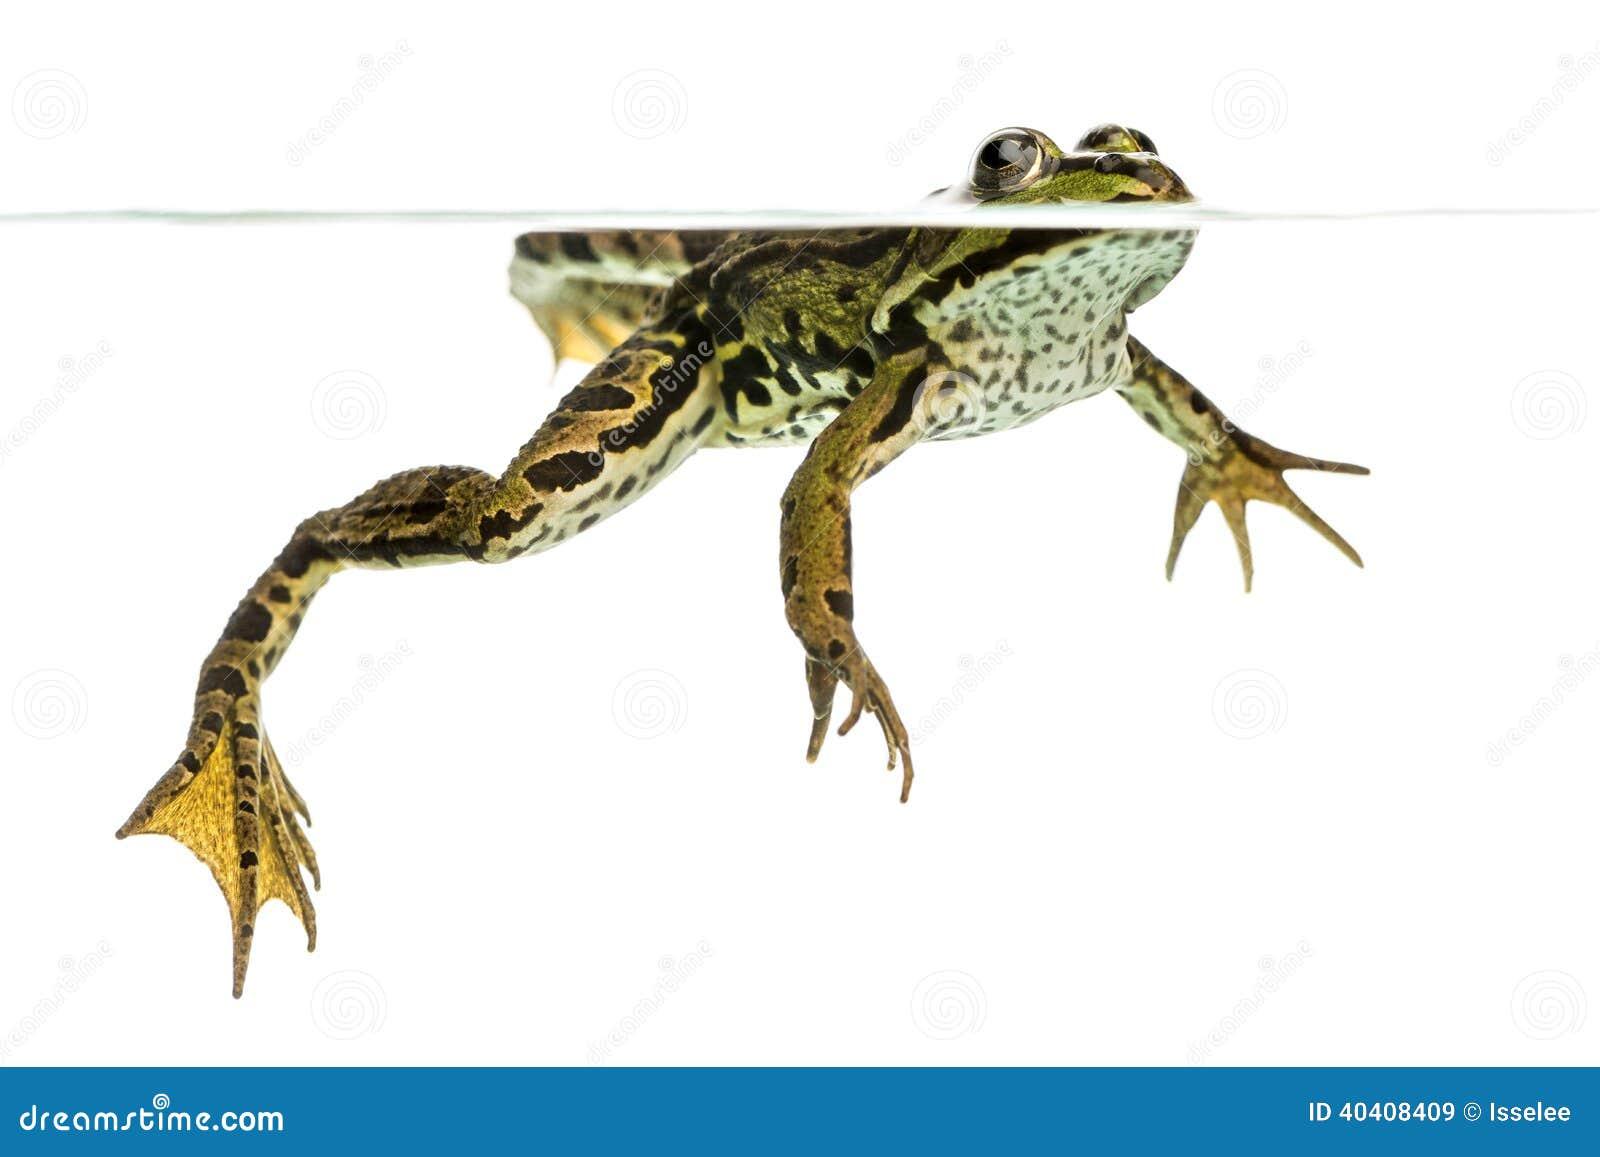 可食的青蛙游泳在表面,从下面被观看, pelophylax kl.图片